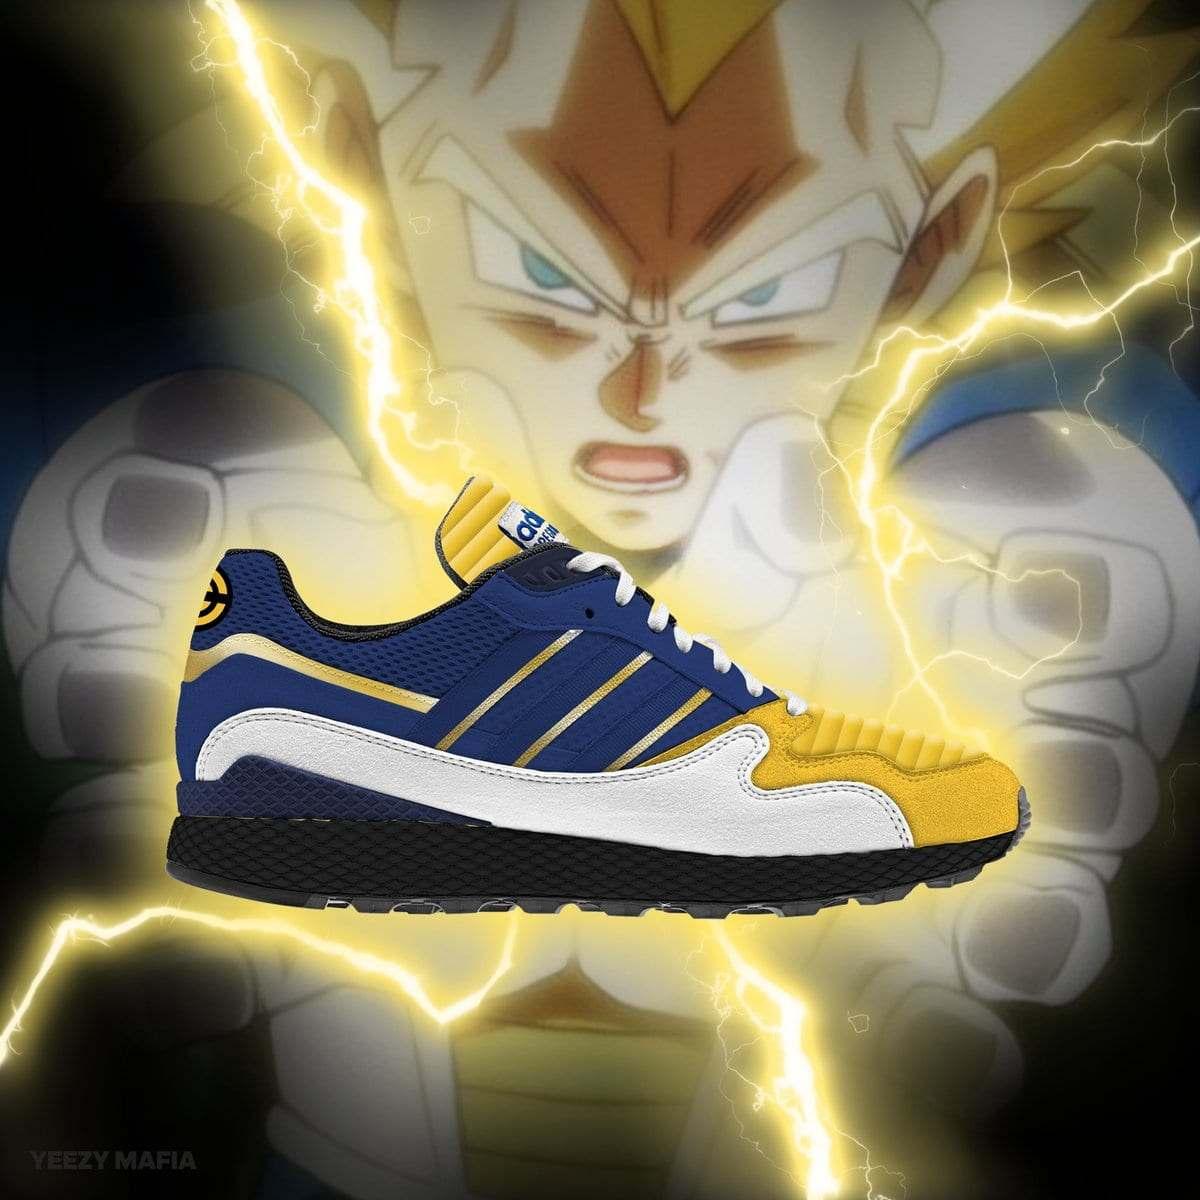 Dragon Ball e Adidas, ecco la linea di scarpe dedicata! Vi